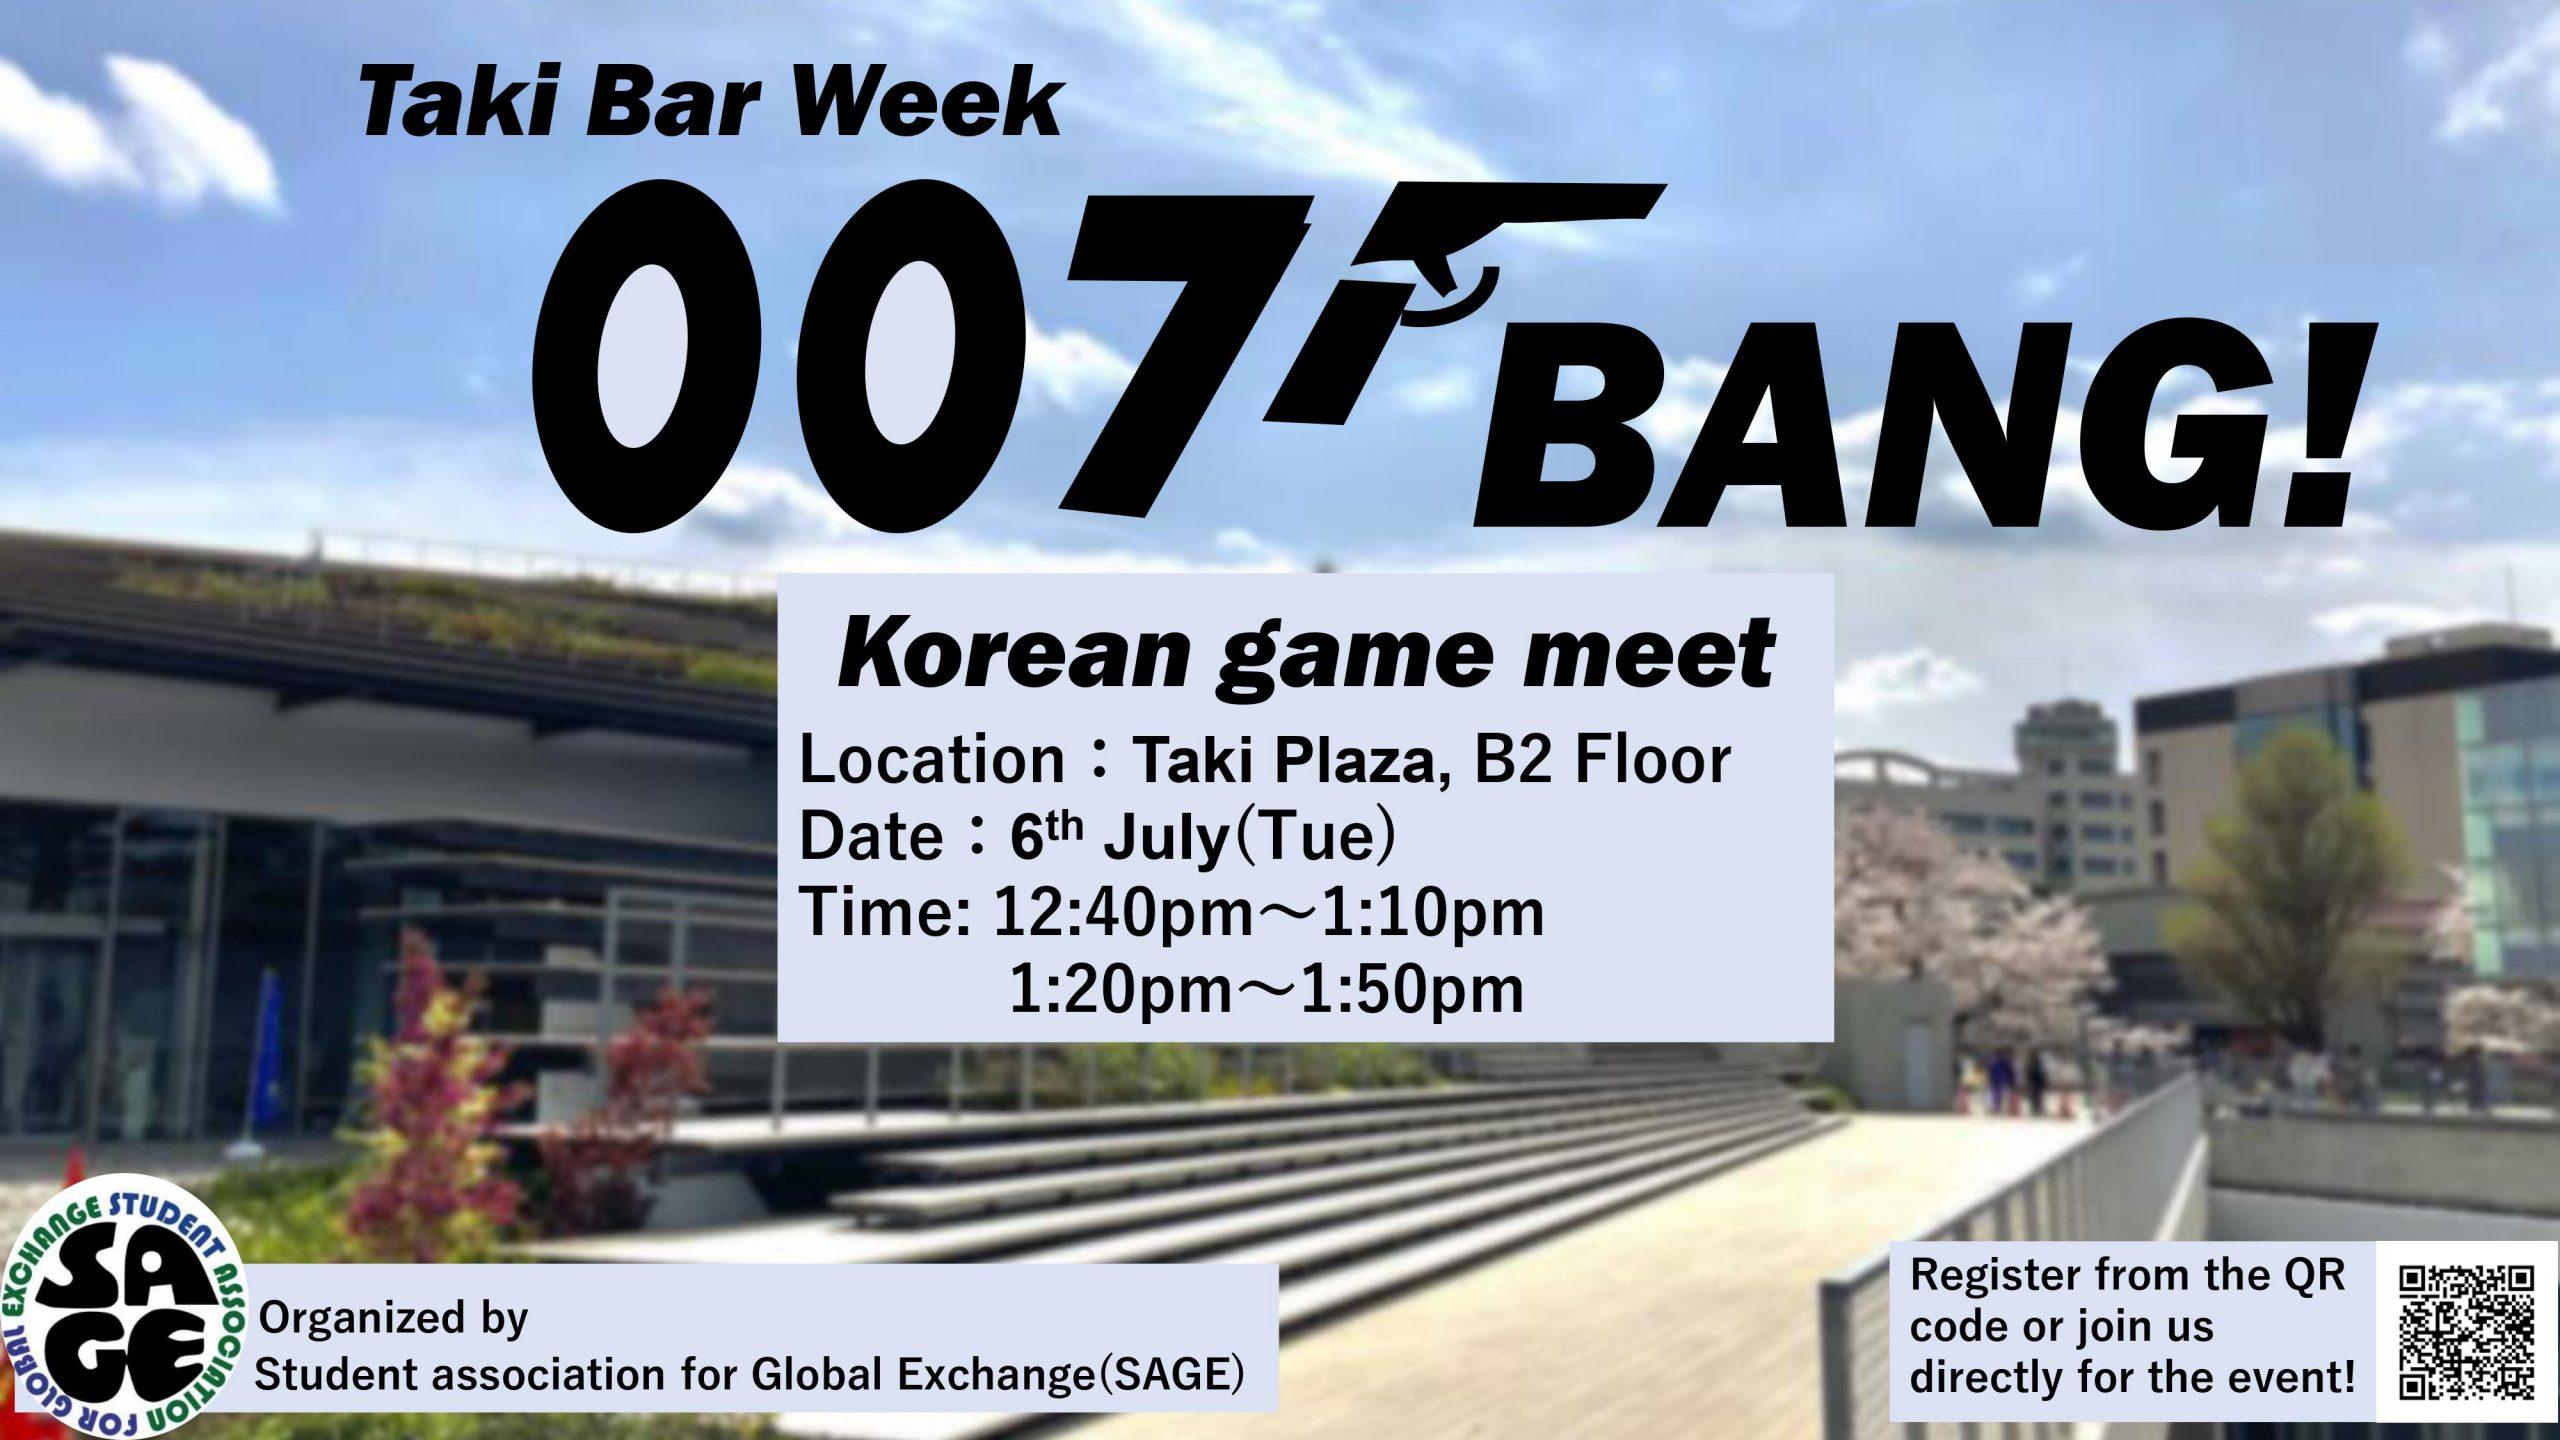 「007パン!」韓国ゲーム会   007Bang! – Korean game meet